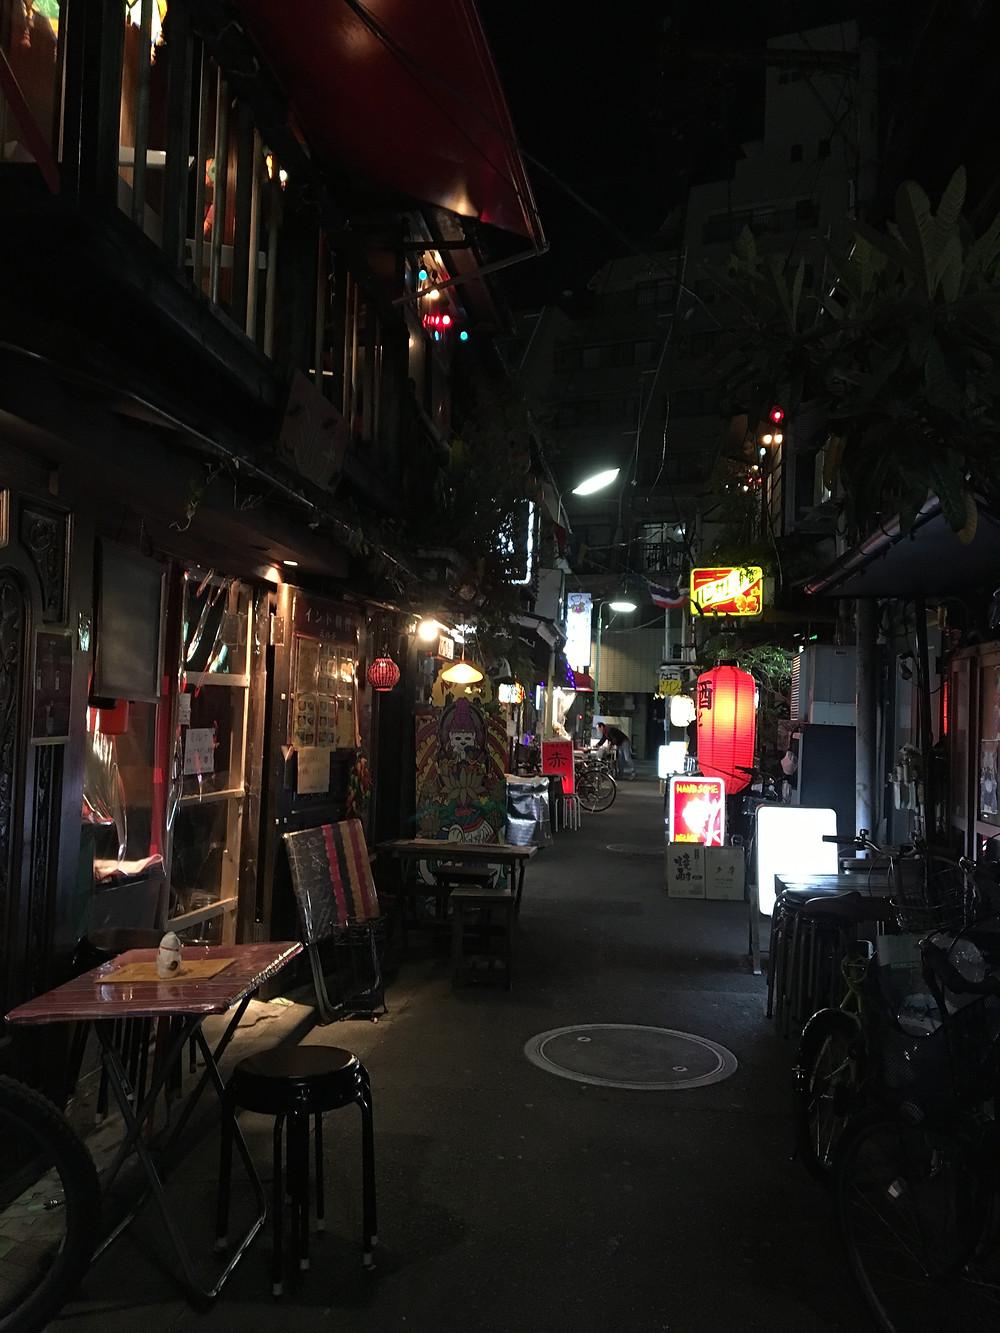 中央線,西荻,西荻窪,横丁,タイ料理,ハンサム食堂,アジア料理